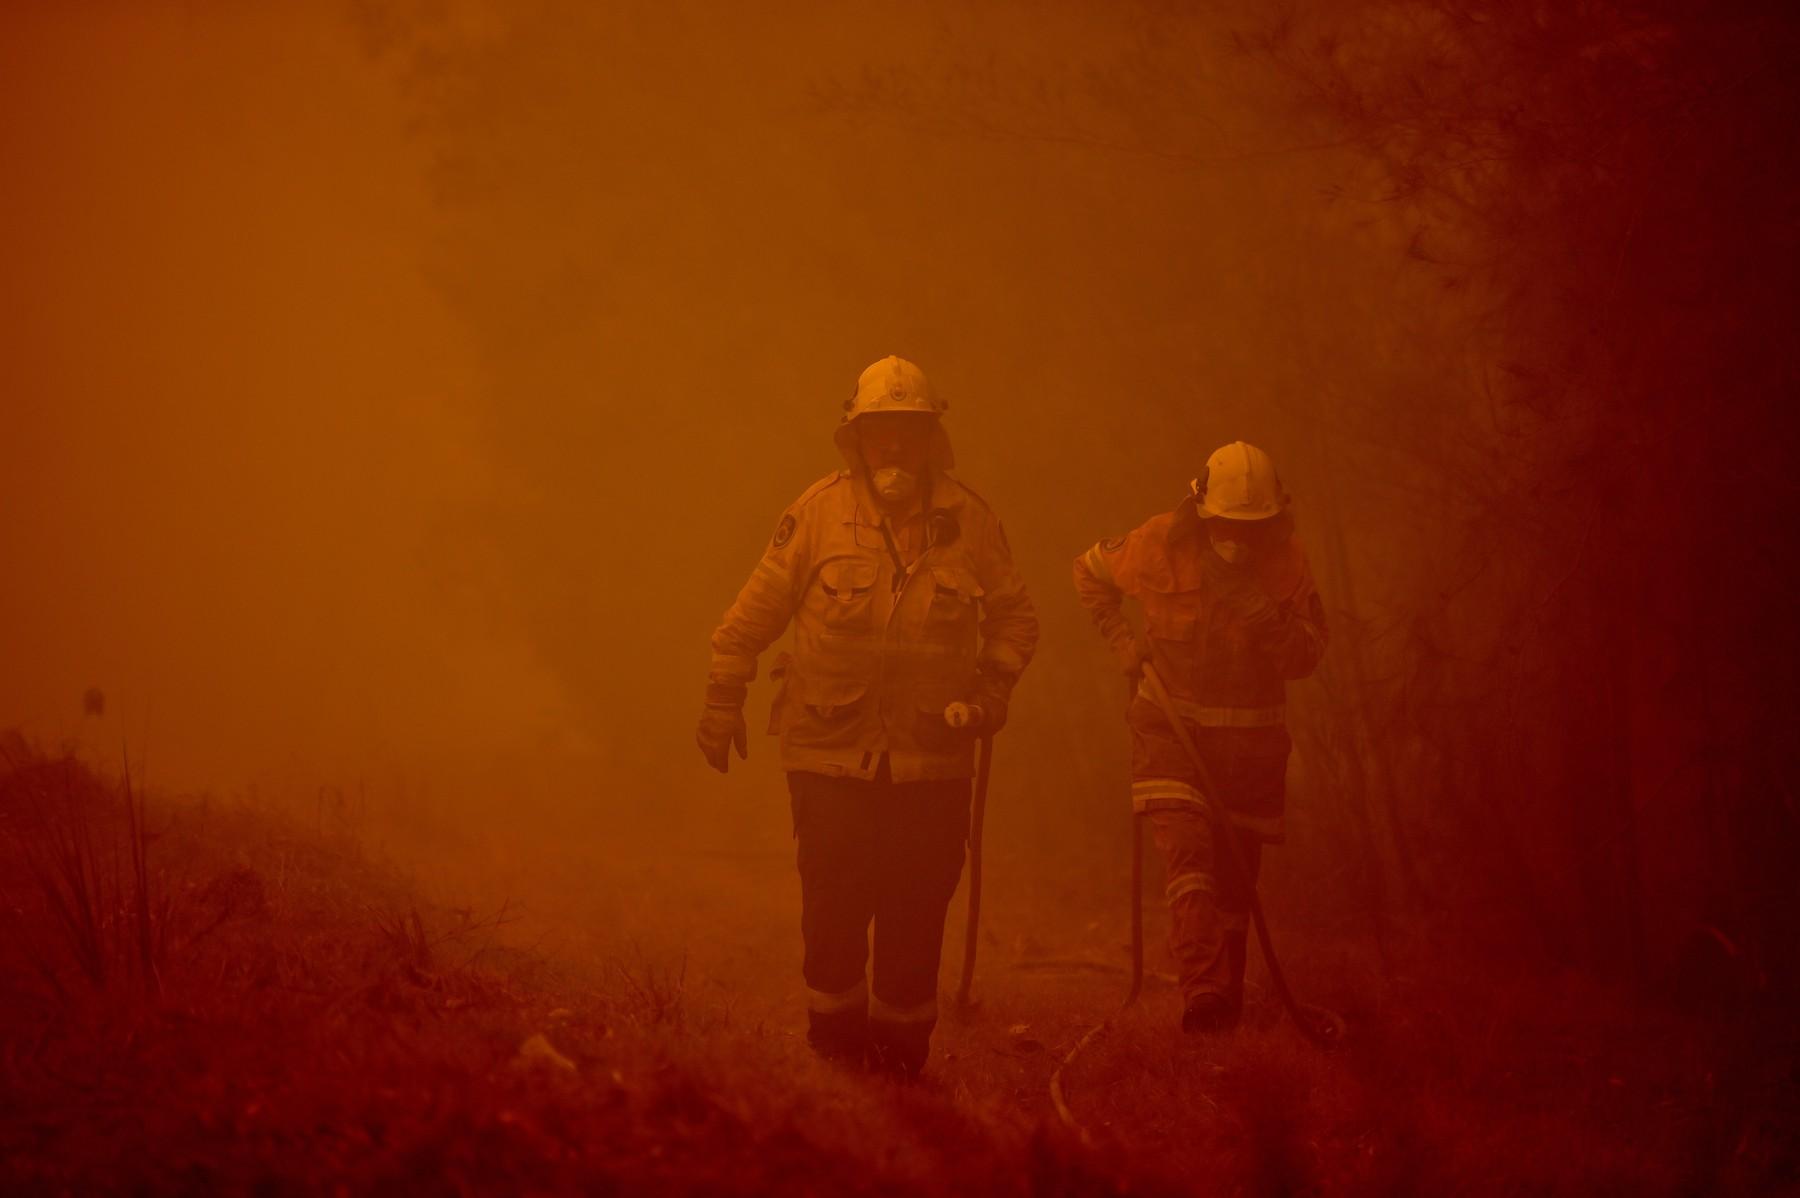 Hasiči bojují proti požáru v hustém kouři ve městě Moruya, jižně od Batemans Bay, v Novém Jižním Walesu